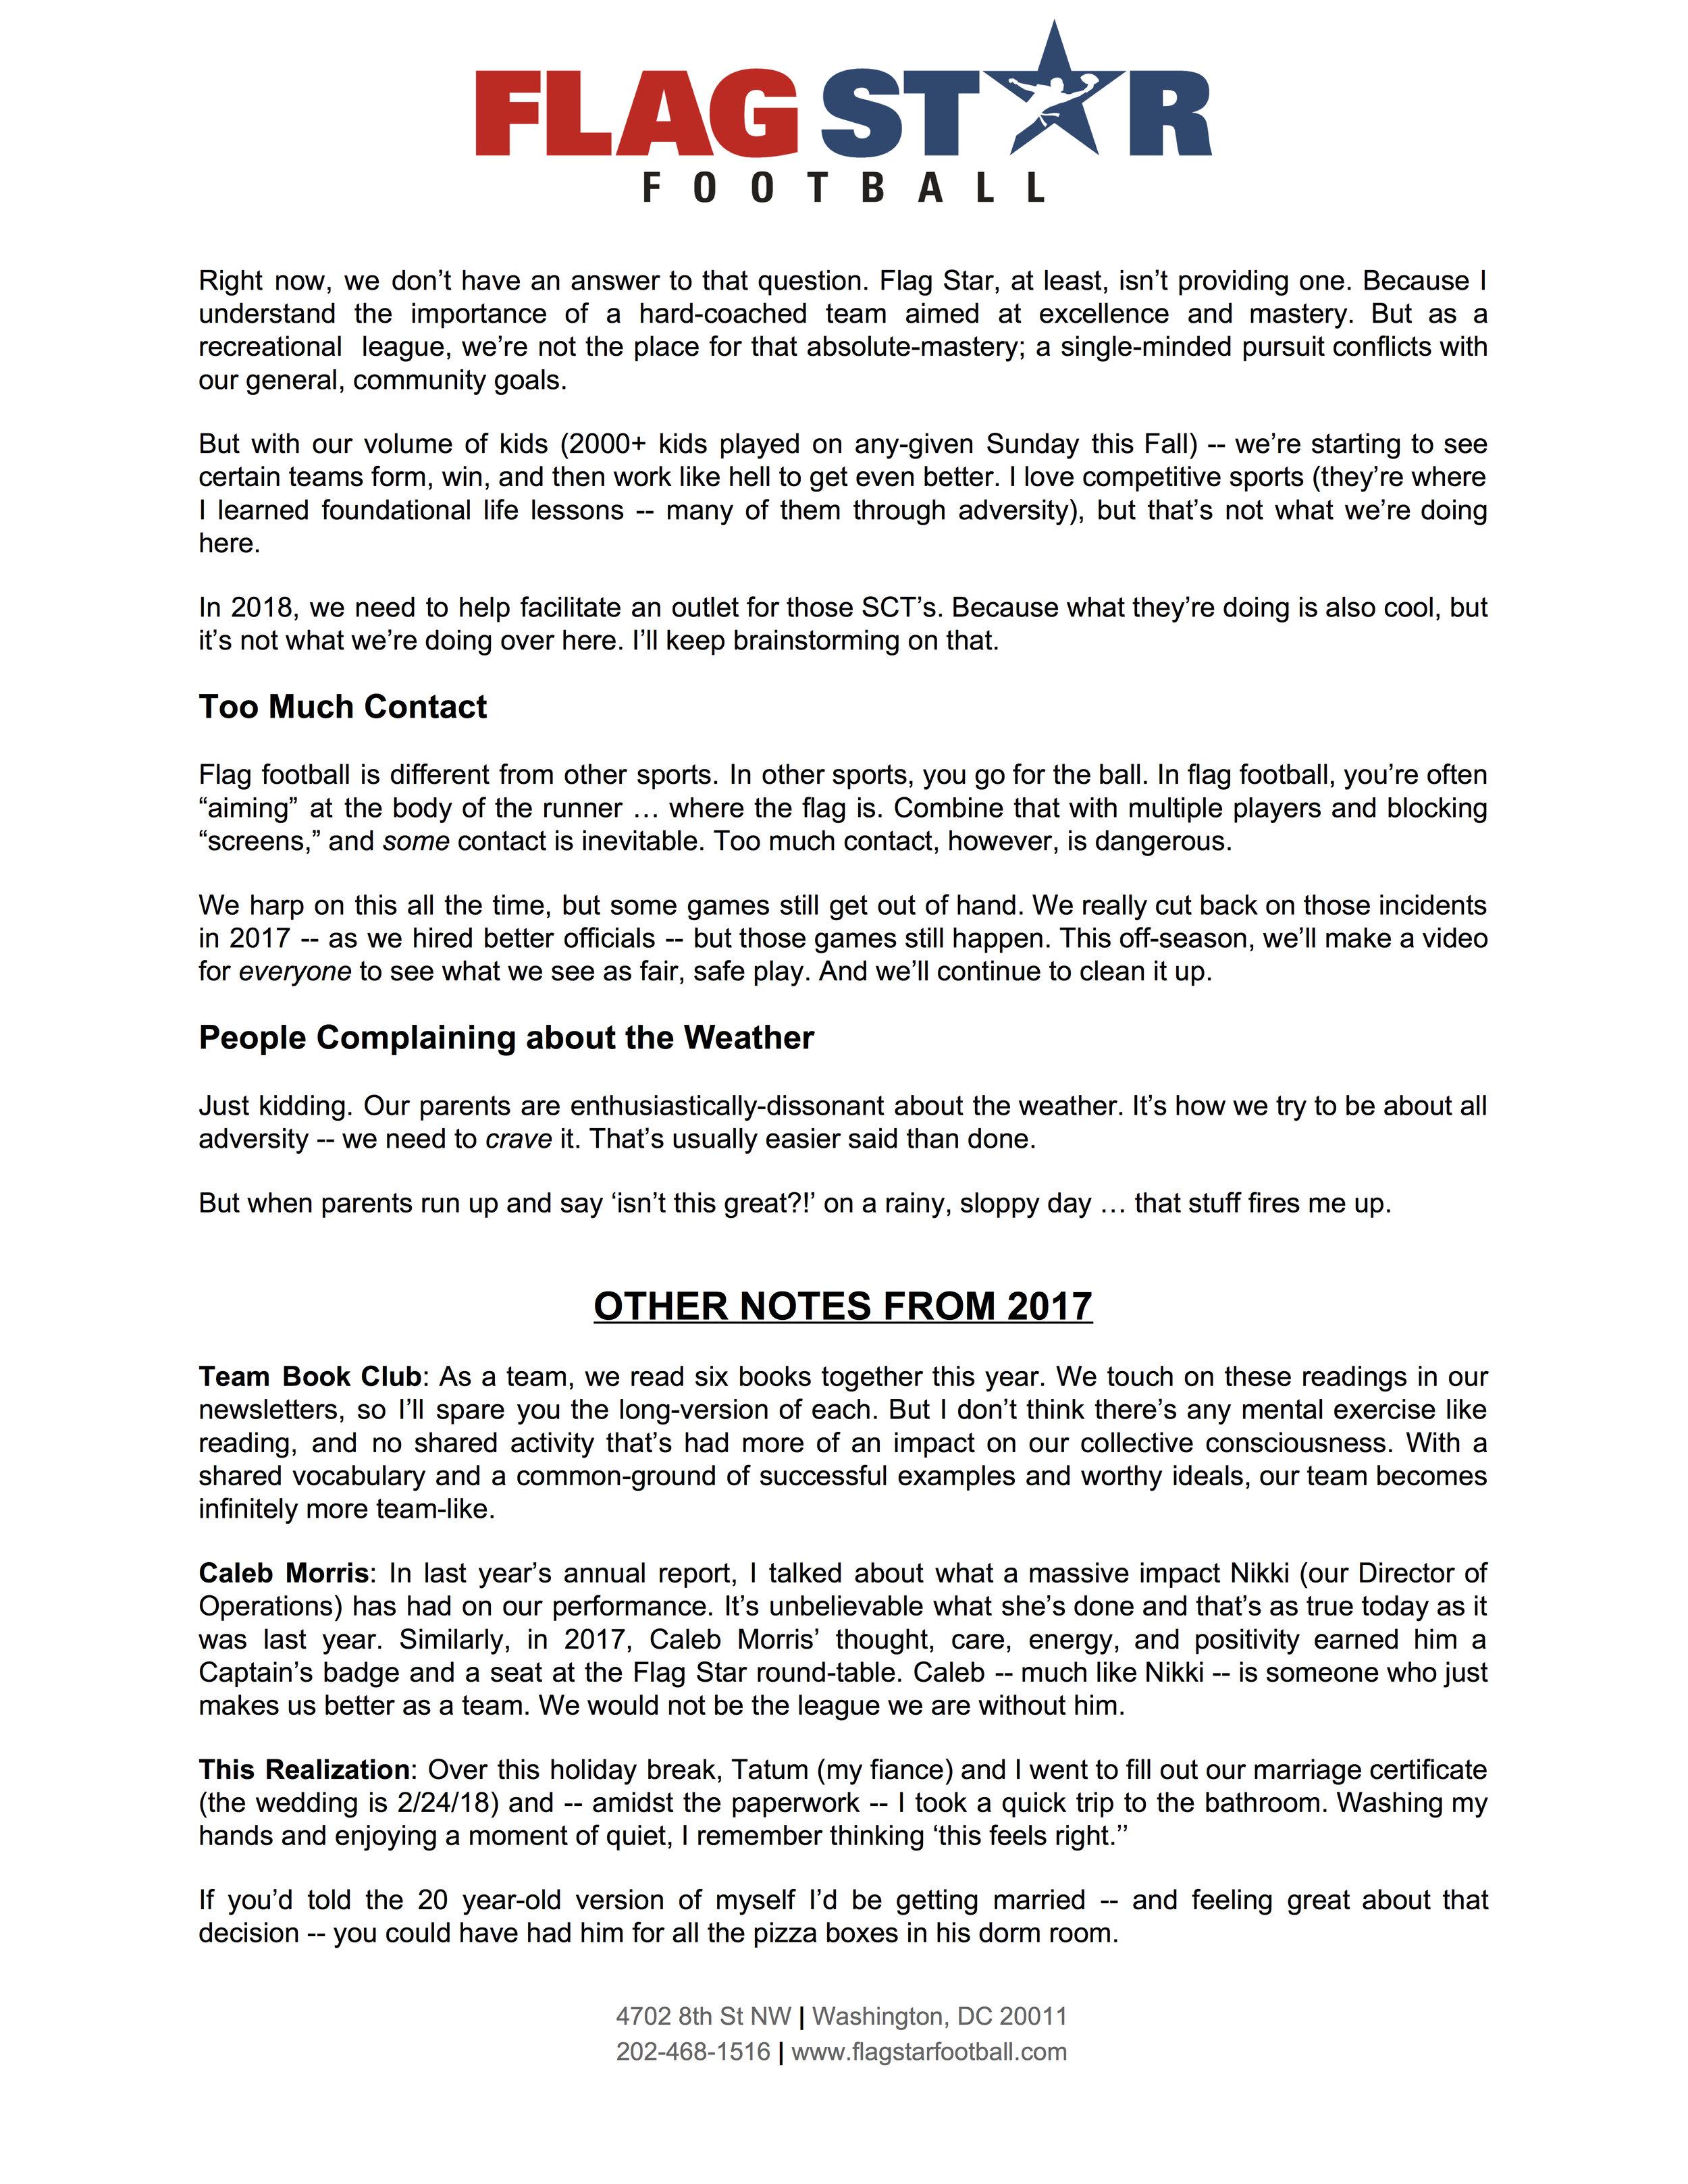 2017 Letter to Shareholders p6.jpg